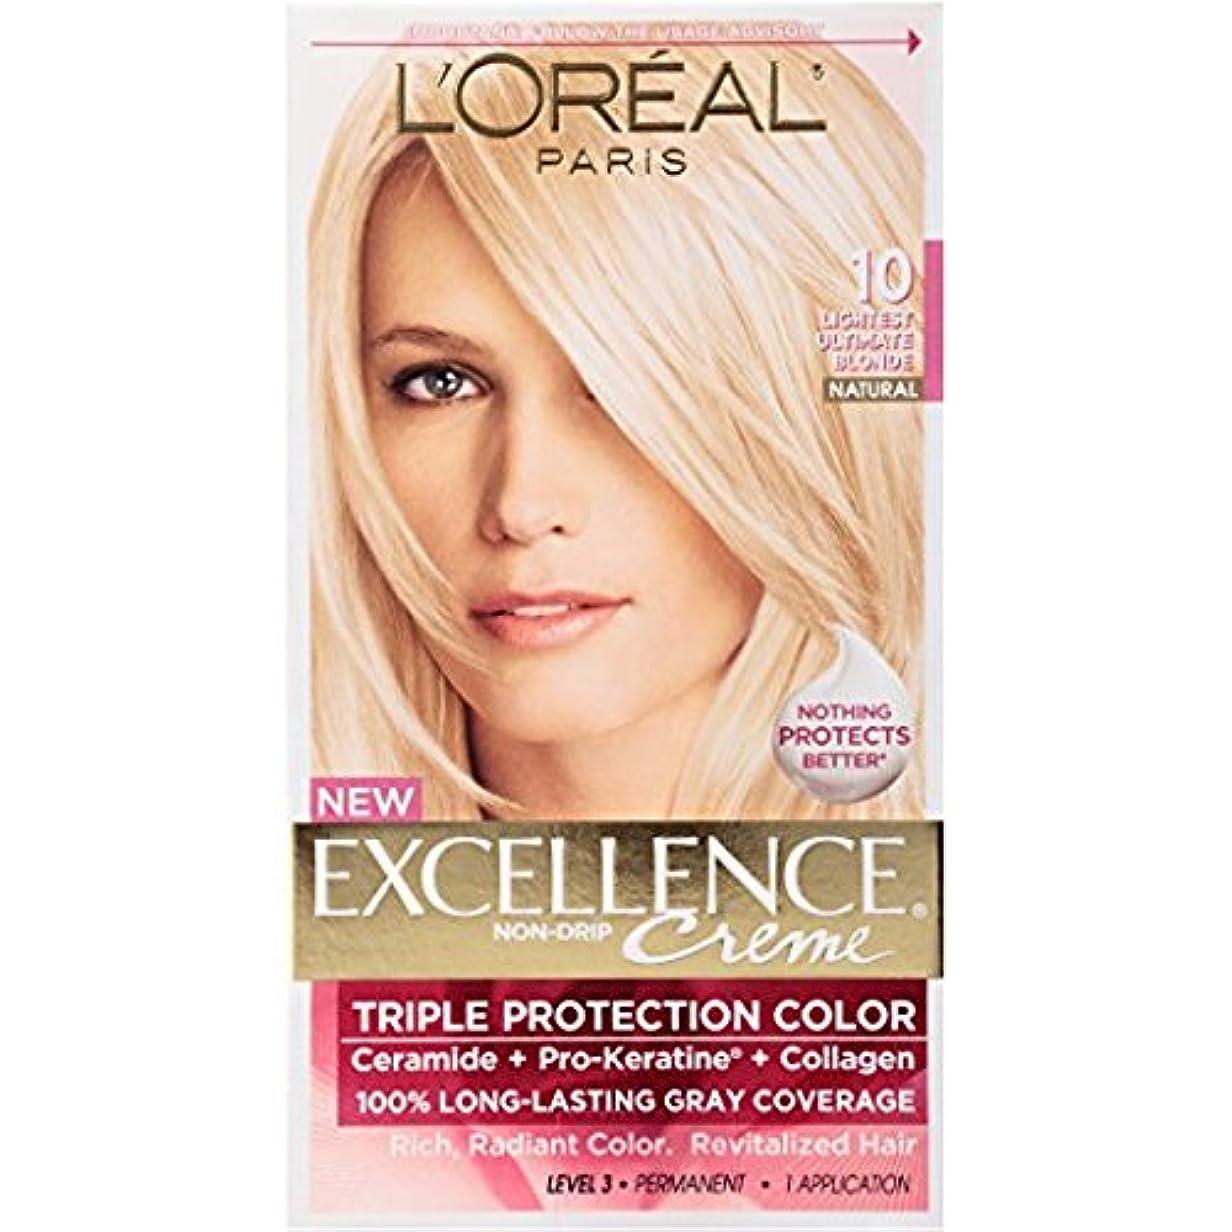 人口あなたのもの花瓶ロレアル L'Oreal Paris Excellence Creme Pro - Keratine 10 Light Ultimate Blonde ブロンド ヘアダイ [並行輸入品]